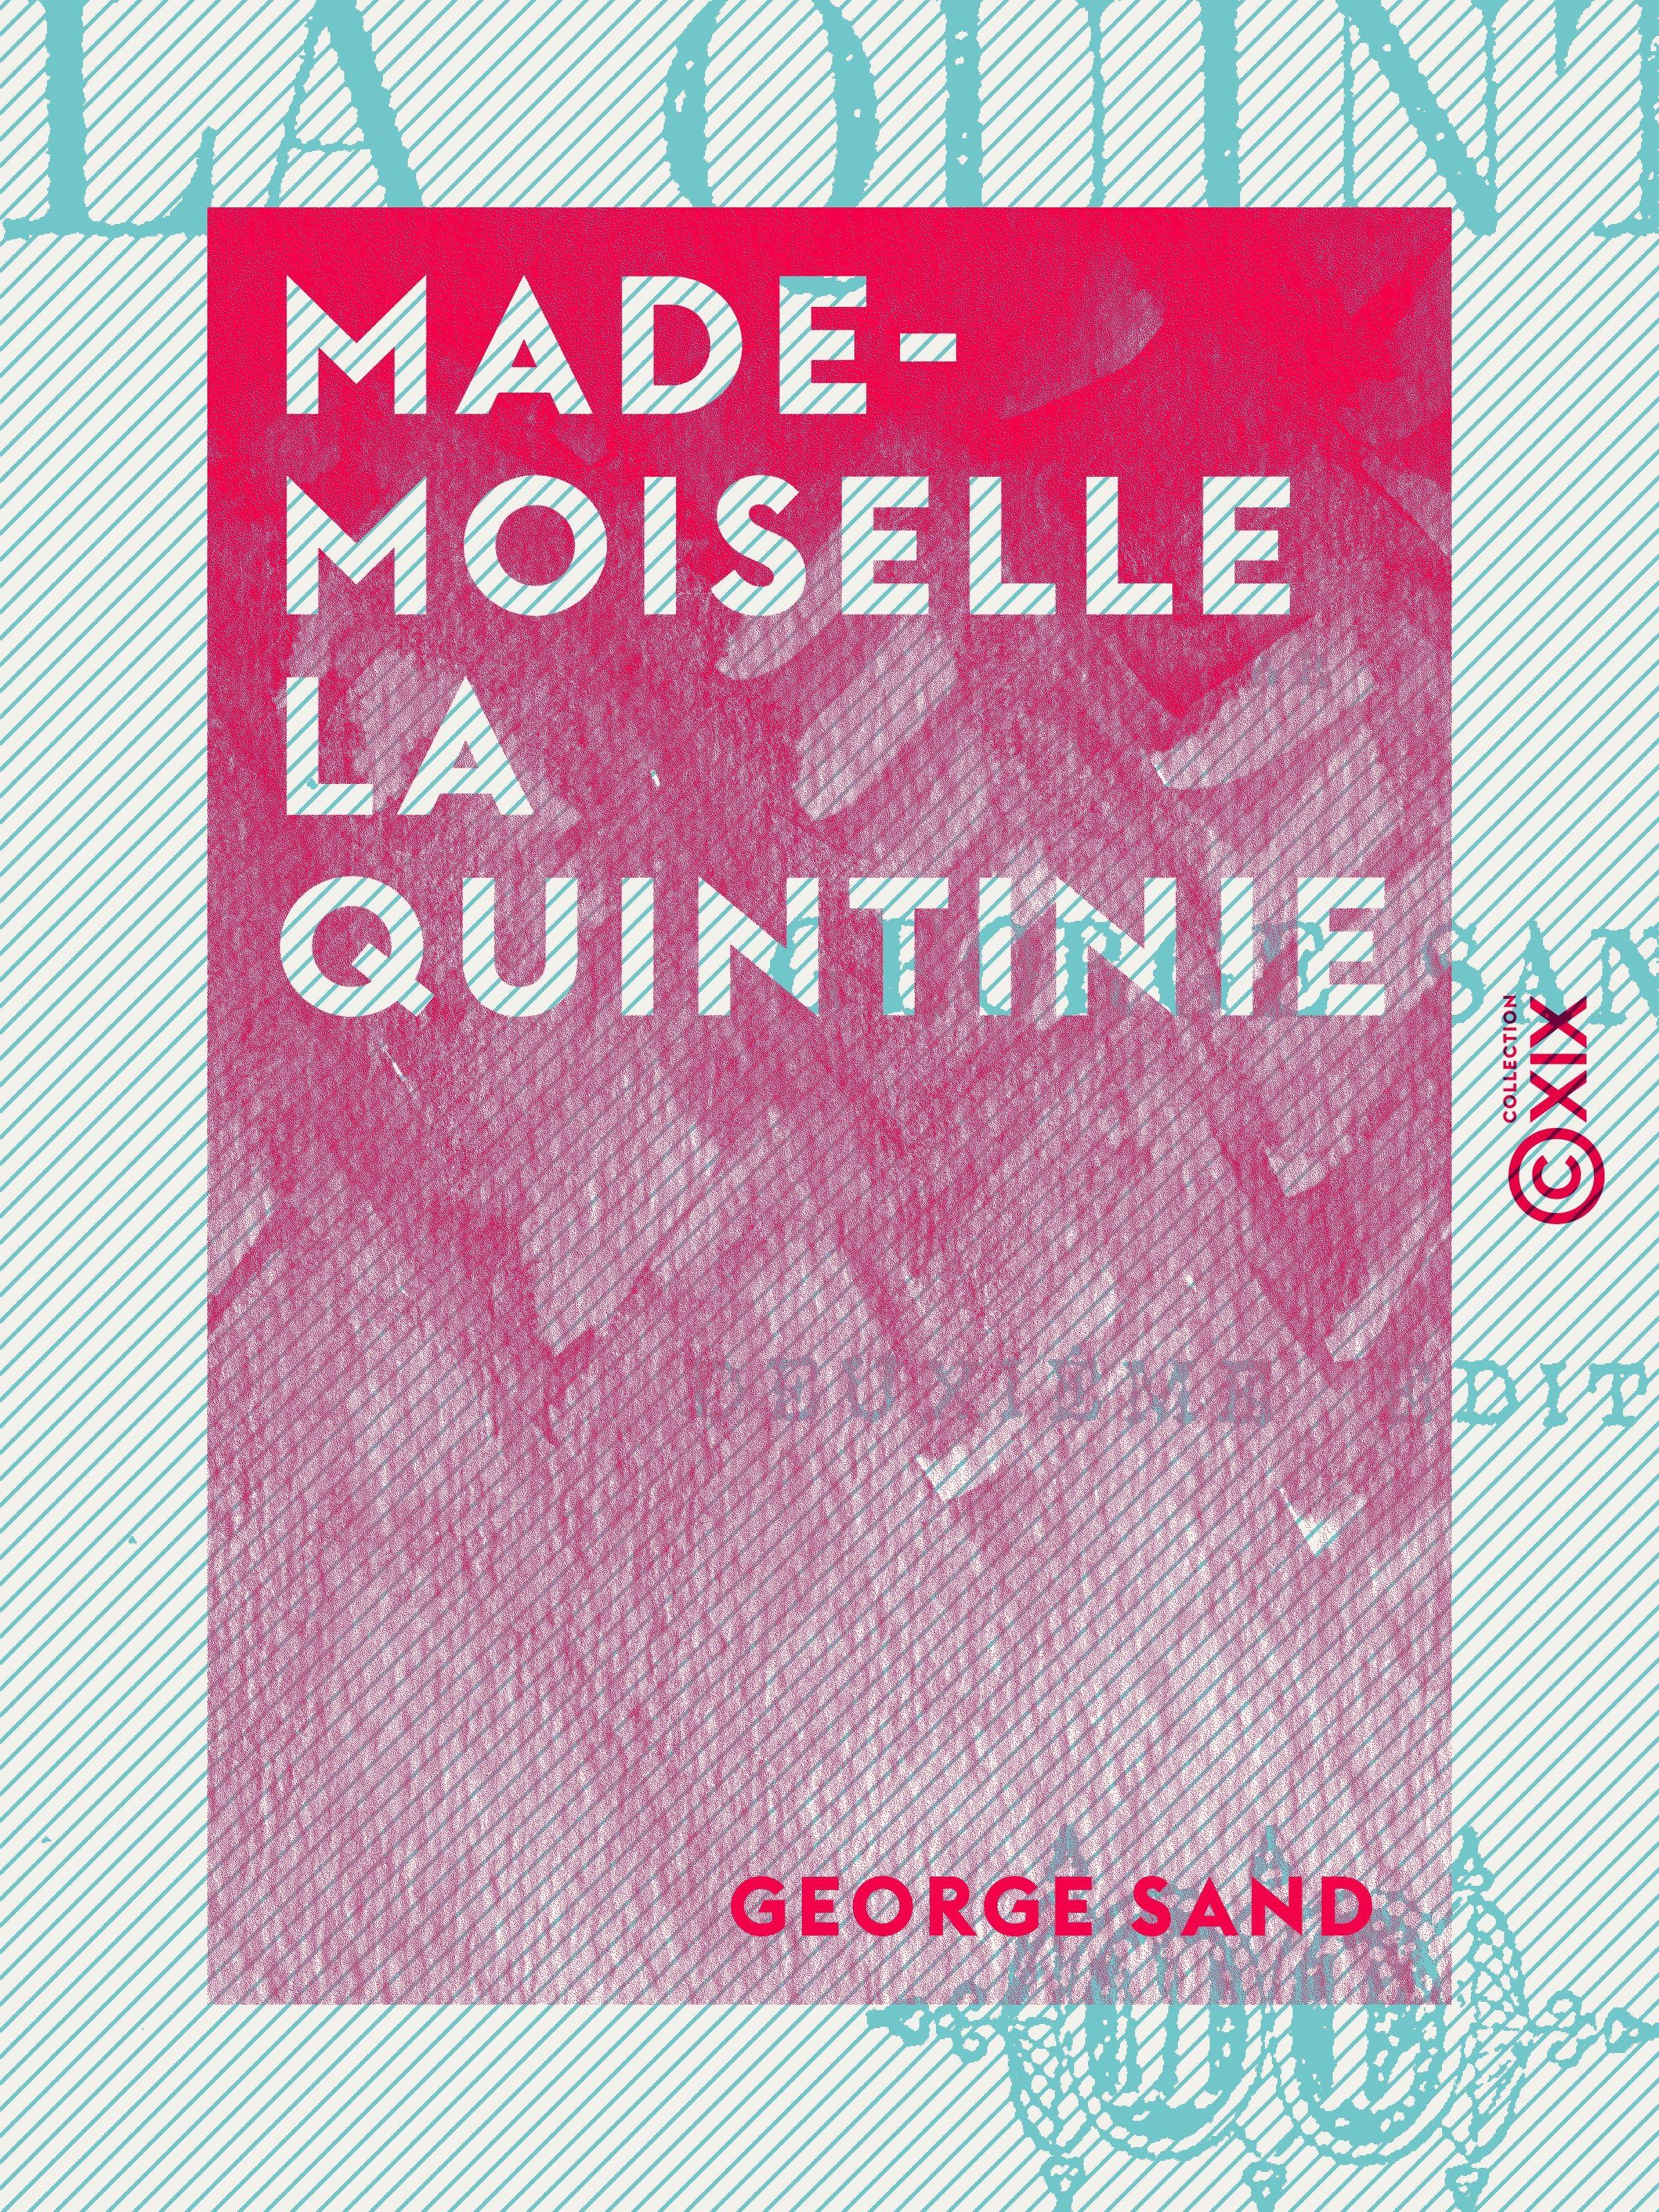 Mademoiselle La Quintinie